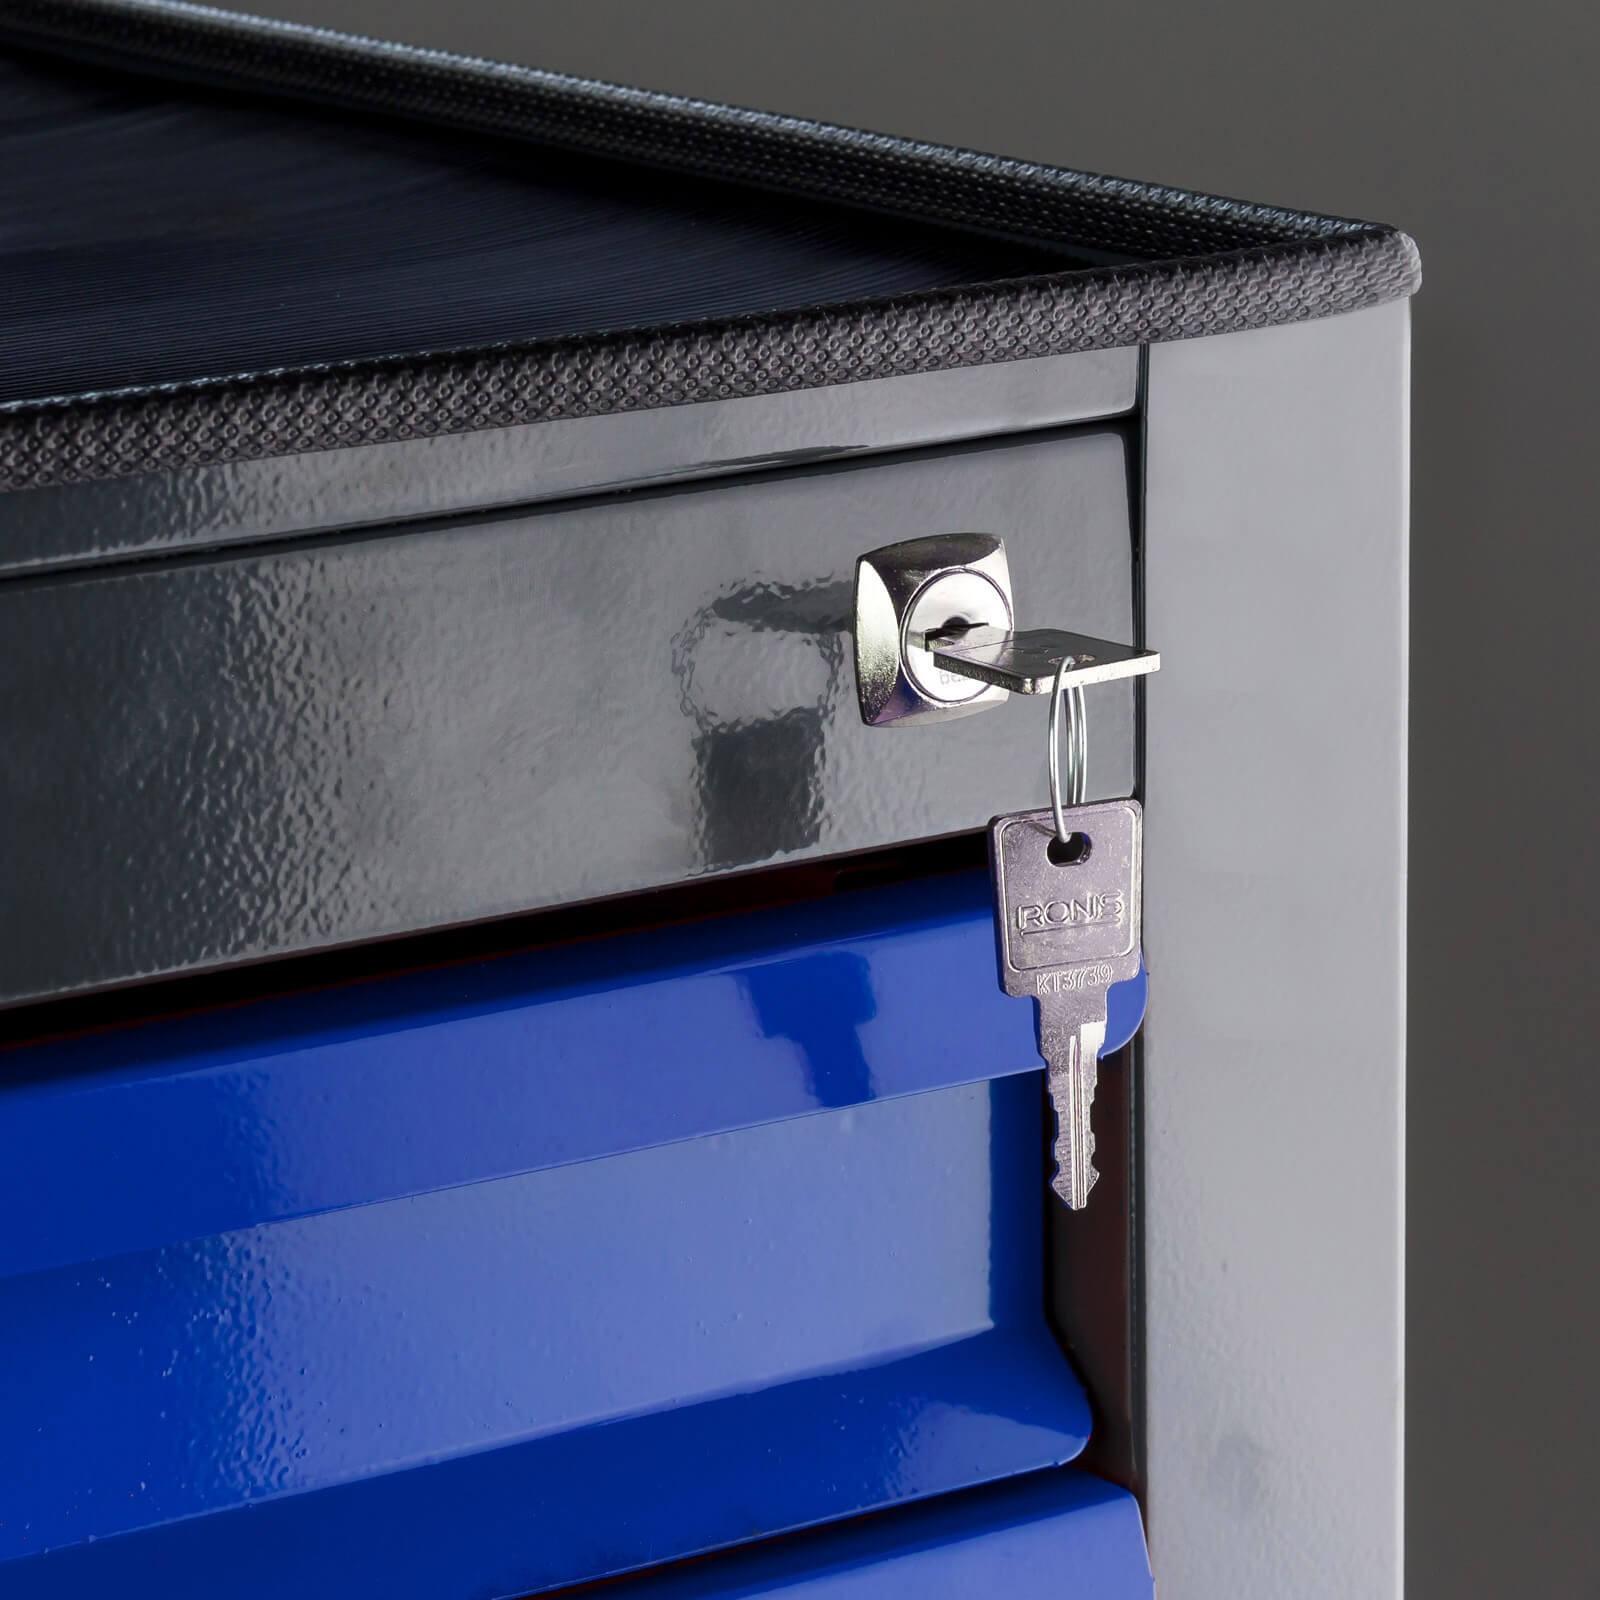 metall schubladenschrank werkzeugschrank fernando maxi 10 schubladen anth blau. Black Bedroom Furniture Sets. Home Design Ideas